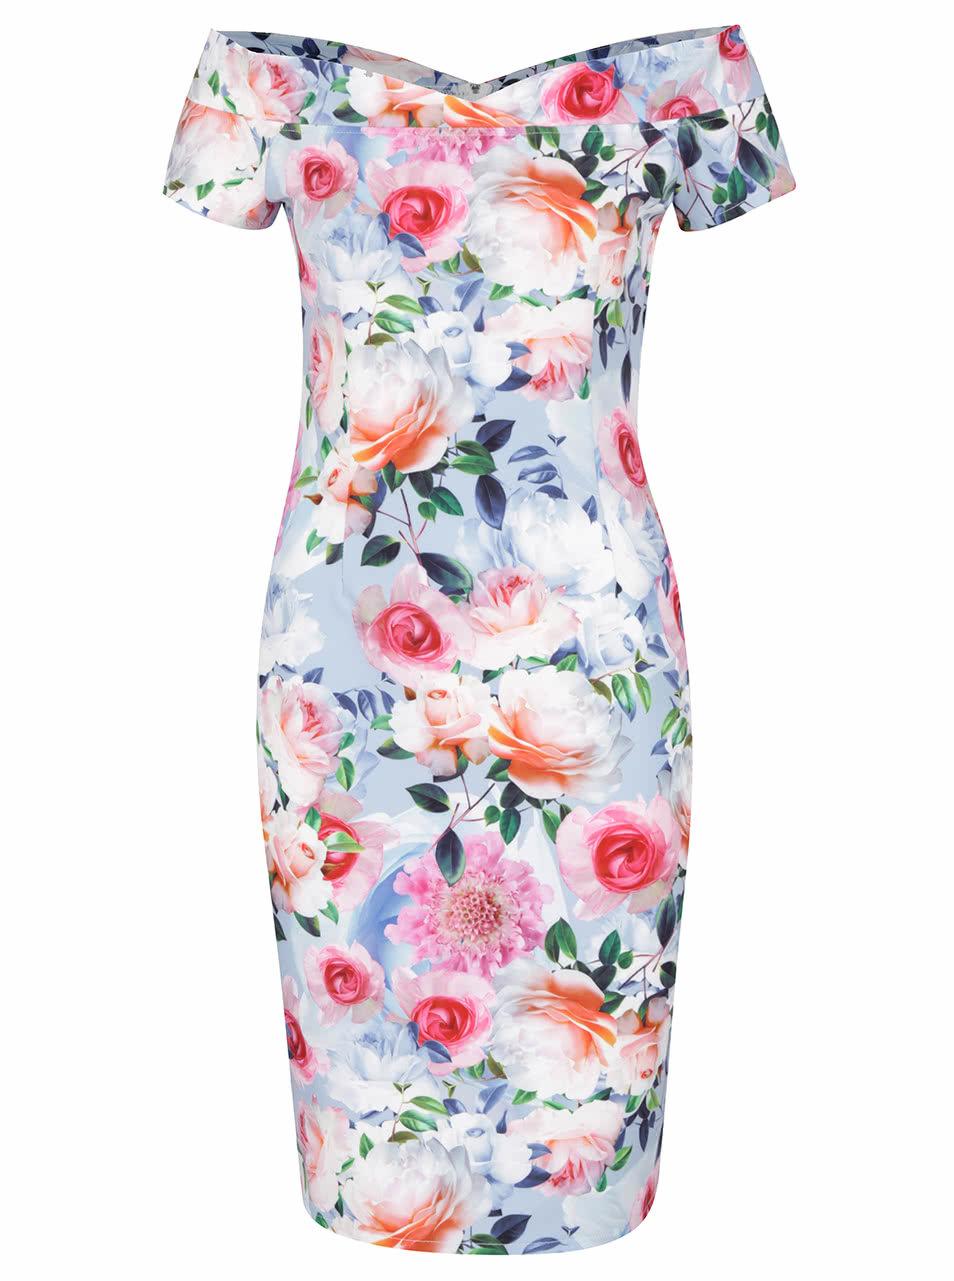 afcba7d33583 Modré kvetinové šaty s odhalenými ramenami Little Mistress ...